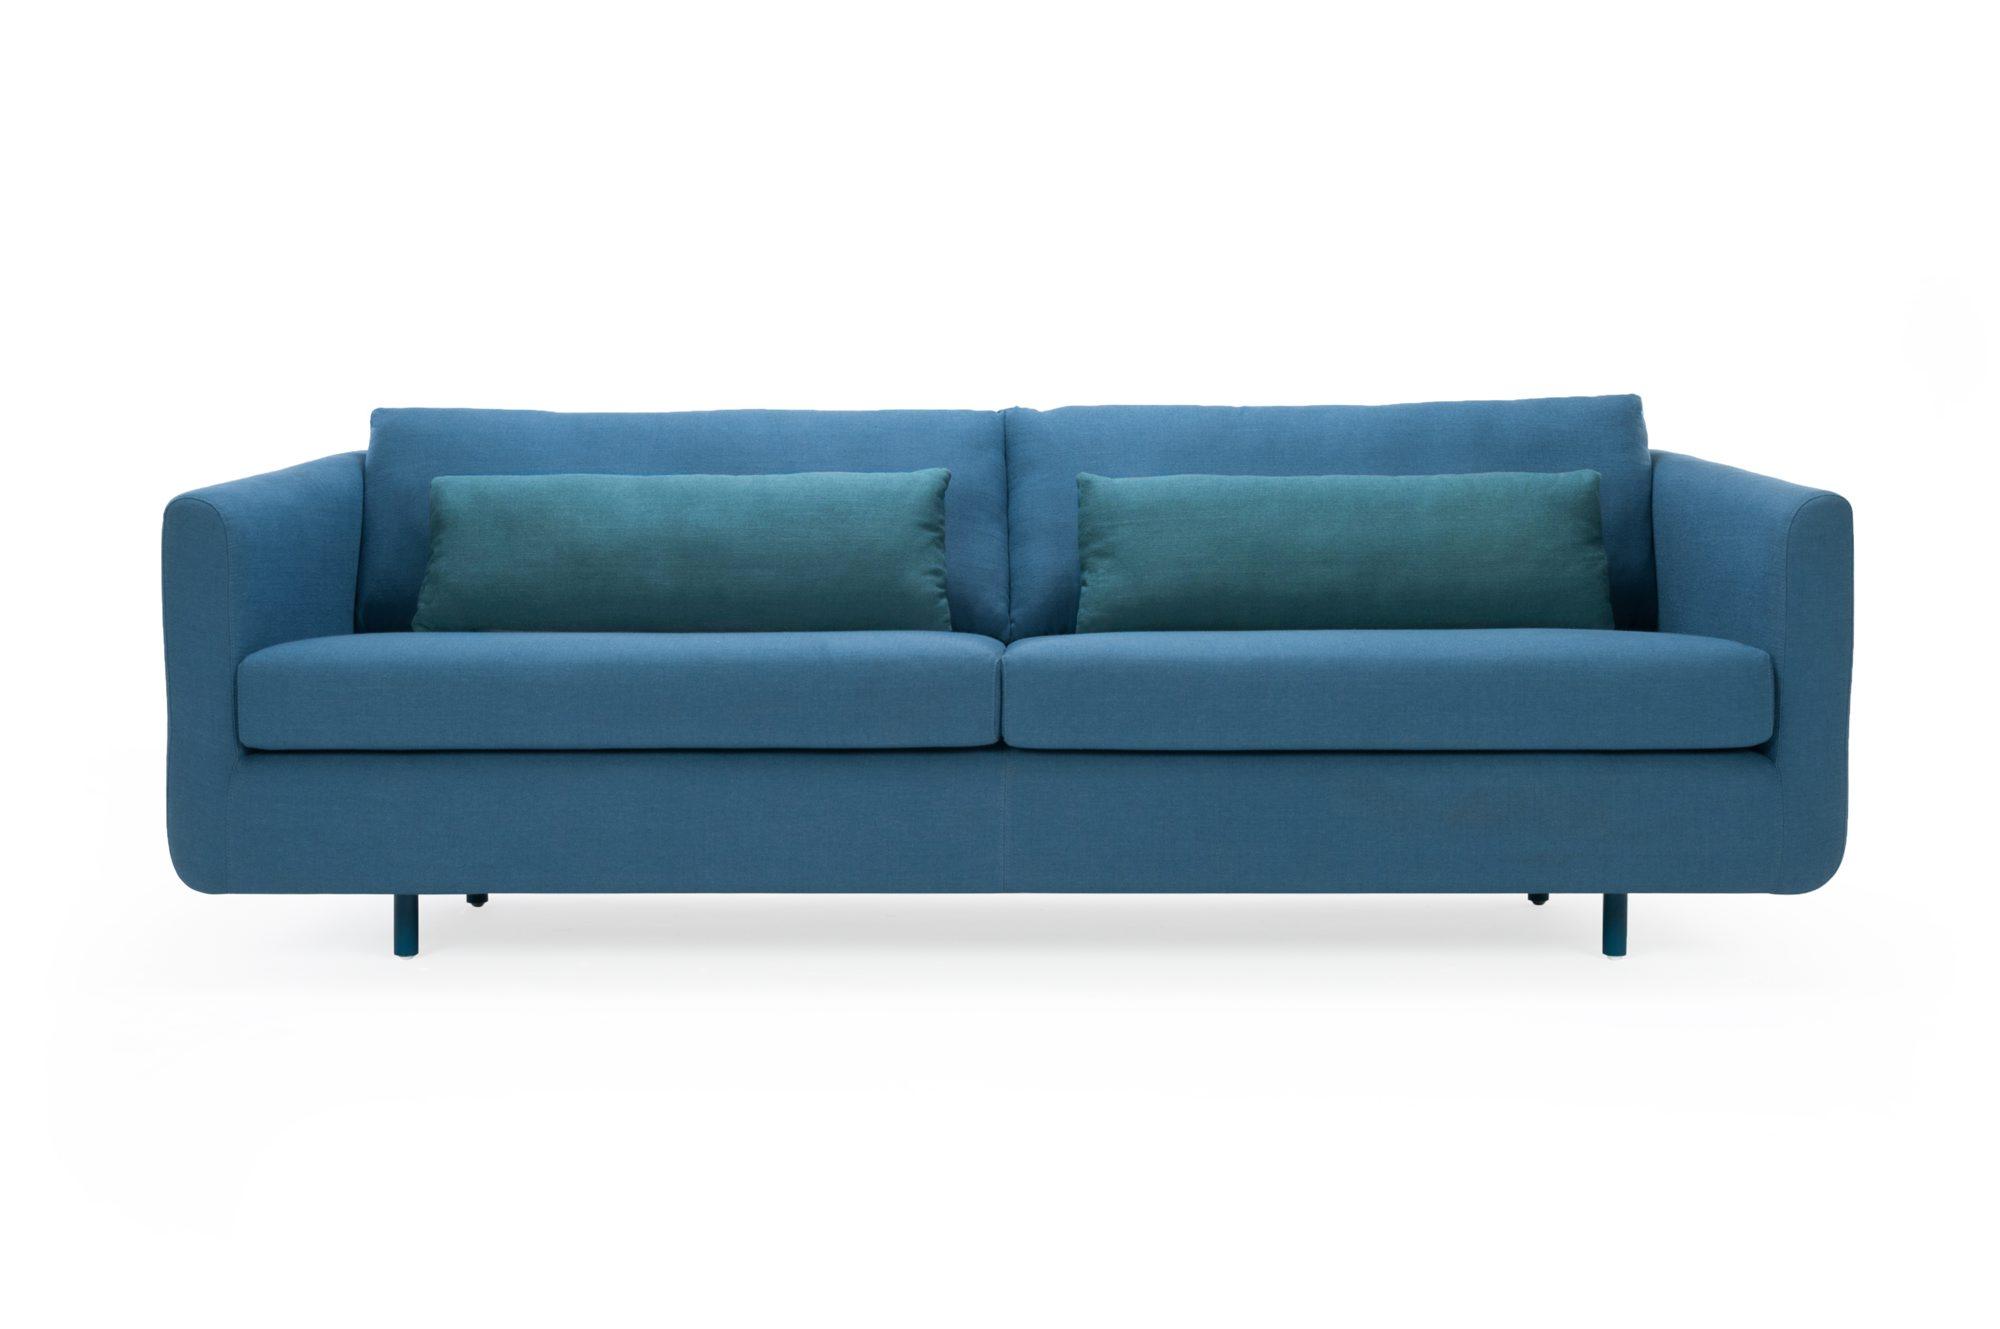 Frederiksberg sofa i stoffet Dina Blue, kr 8999, sofacompany.com.